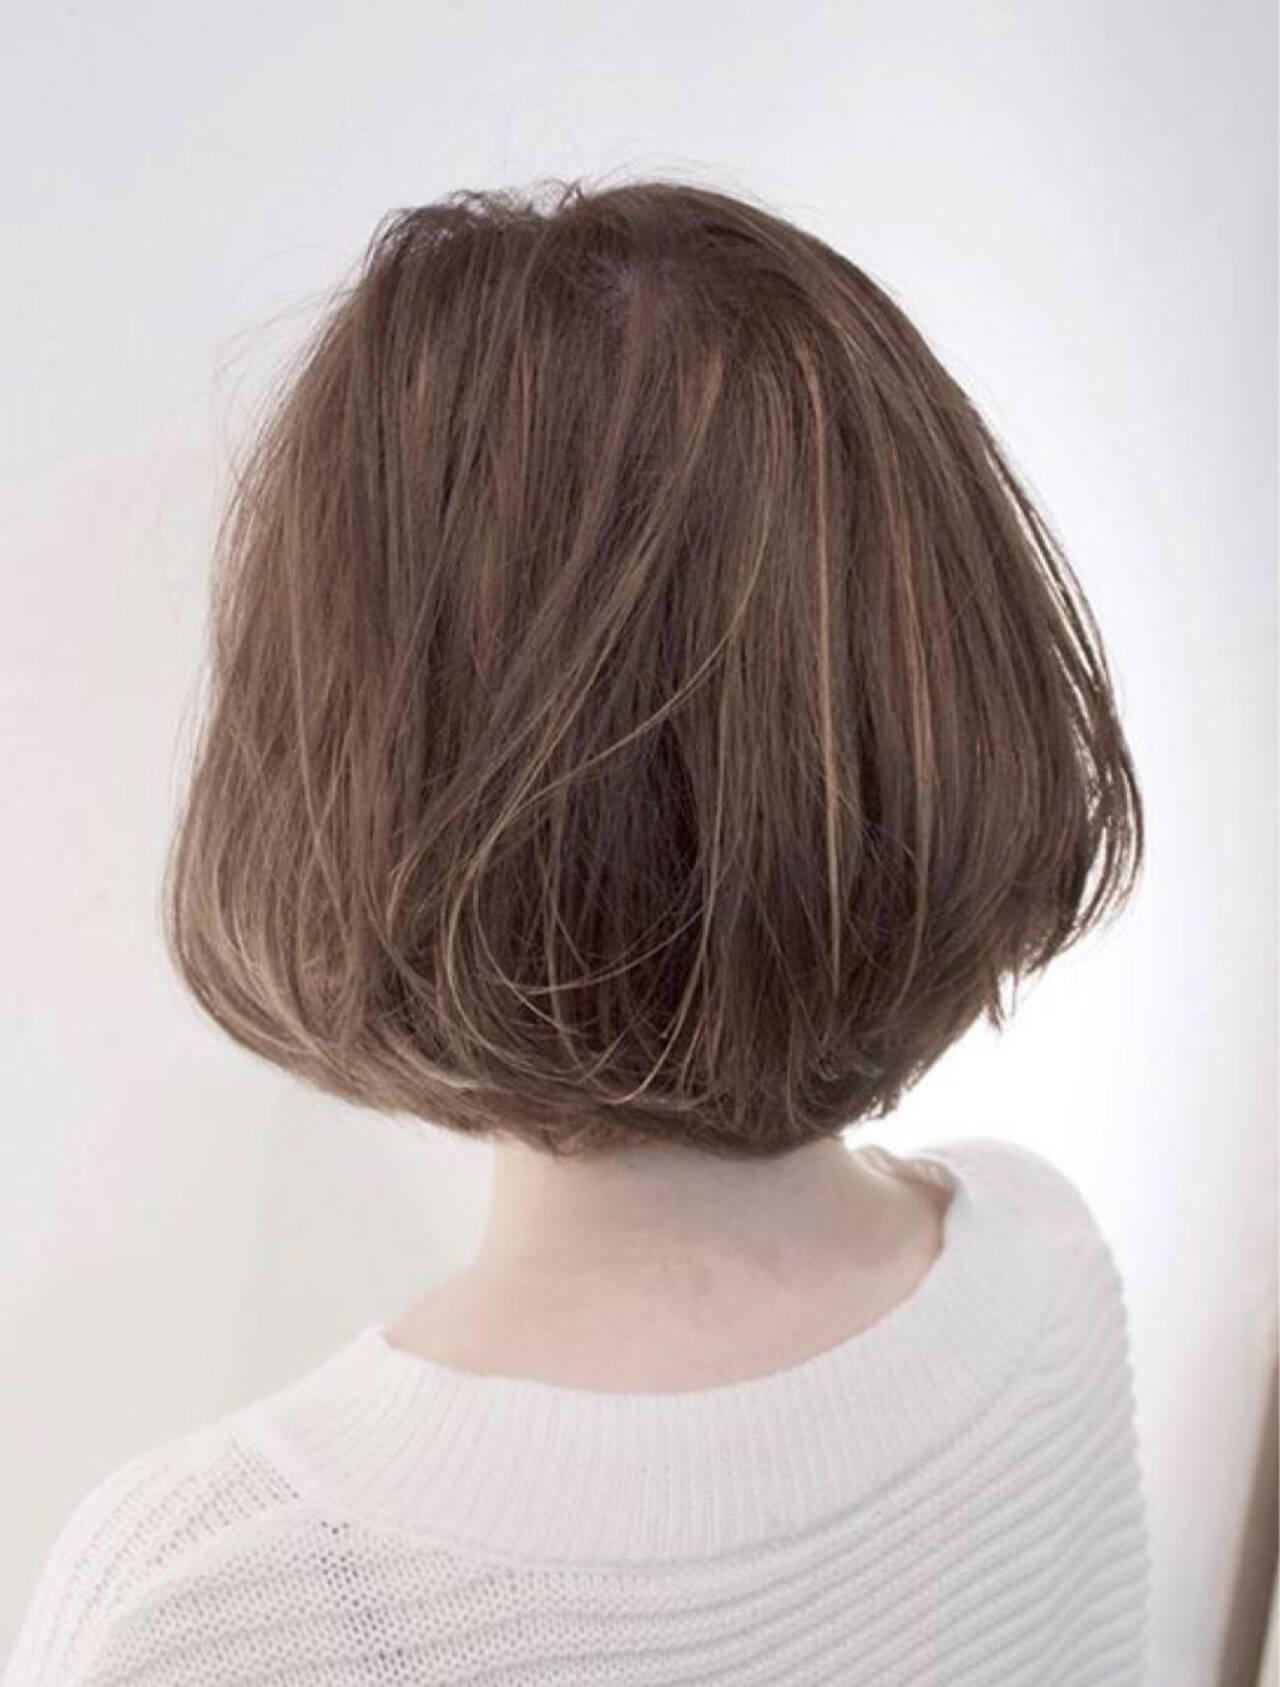 ナチュラル アッシュ ボブヘアスタイルや髪型の写真・画像